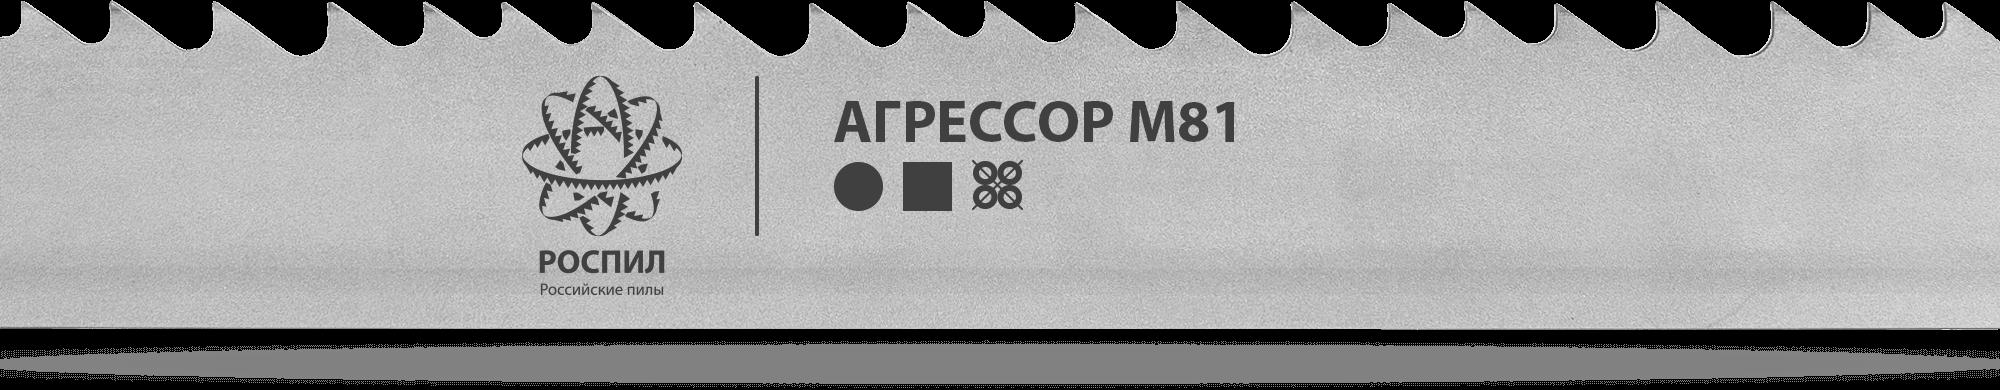 РОСПИЛ Агрессор M81